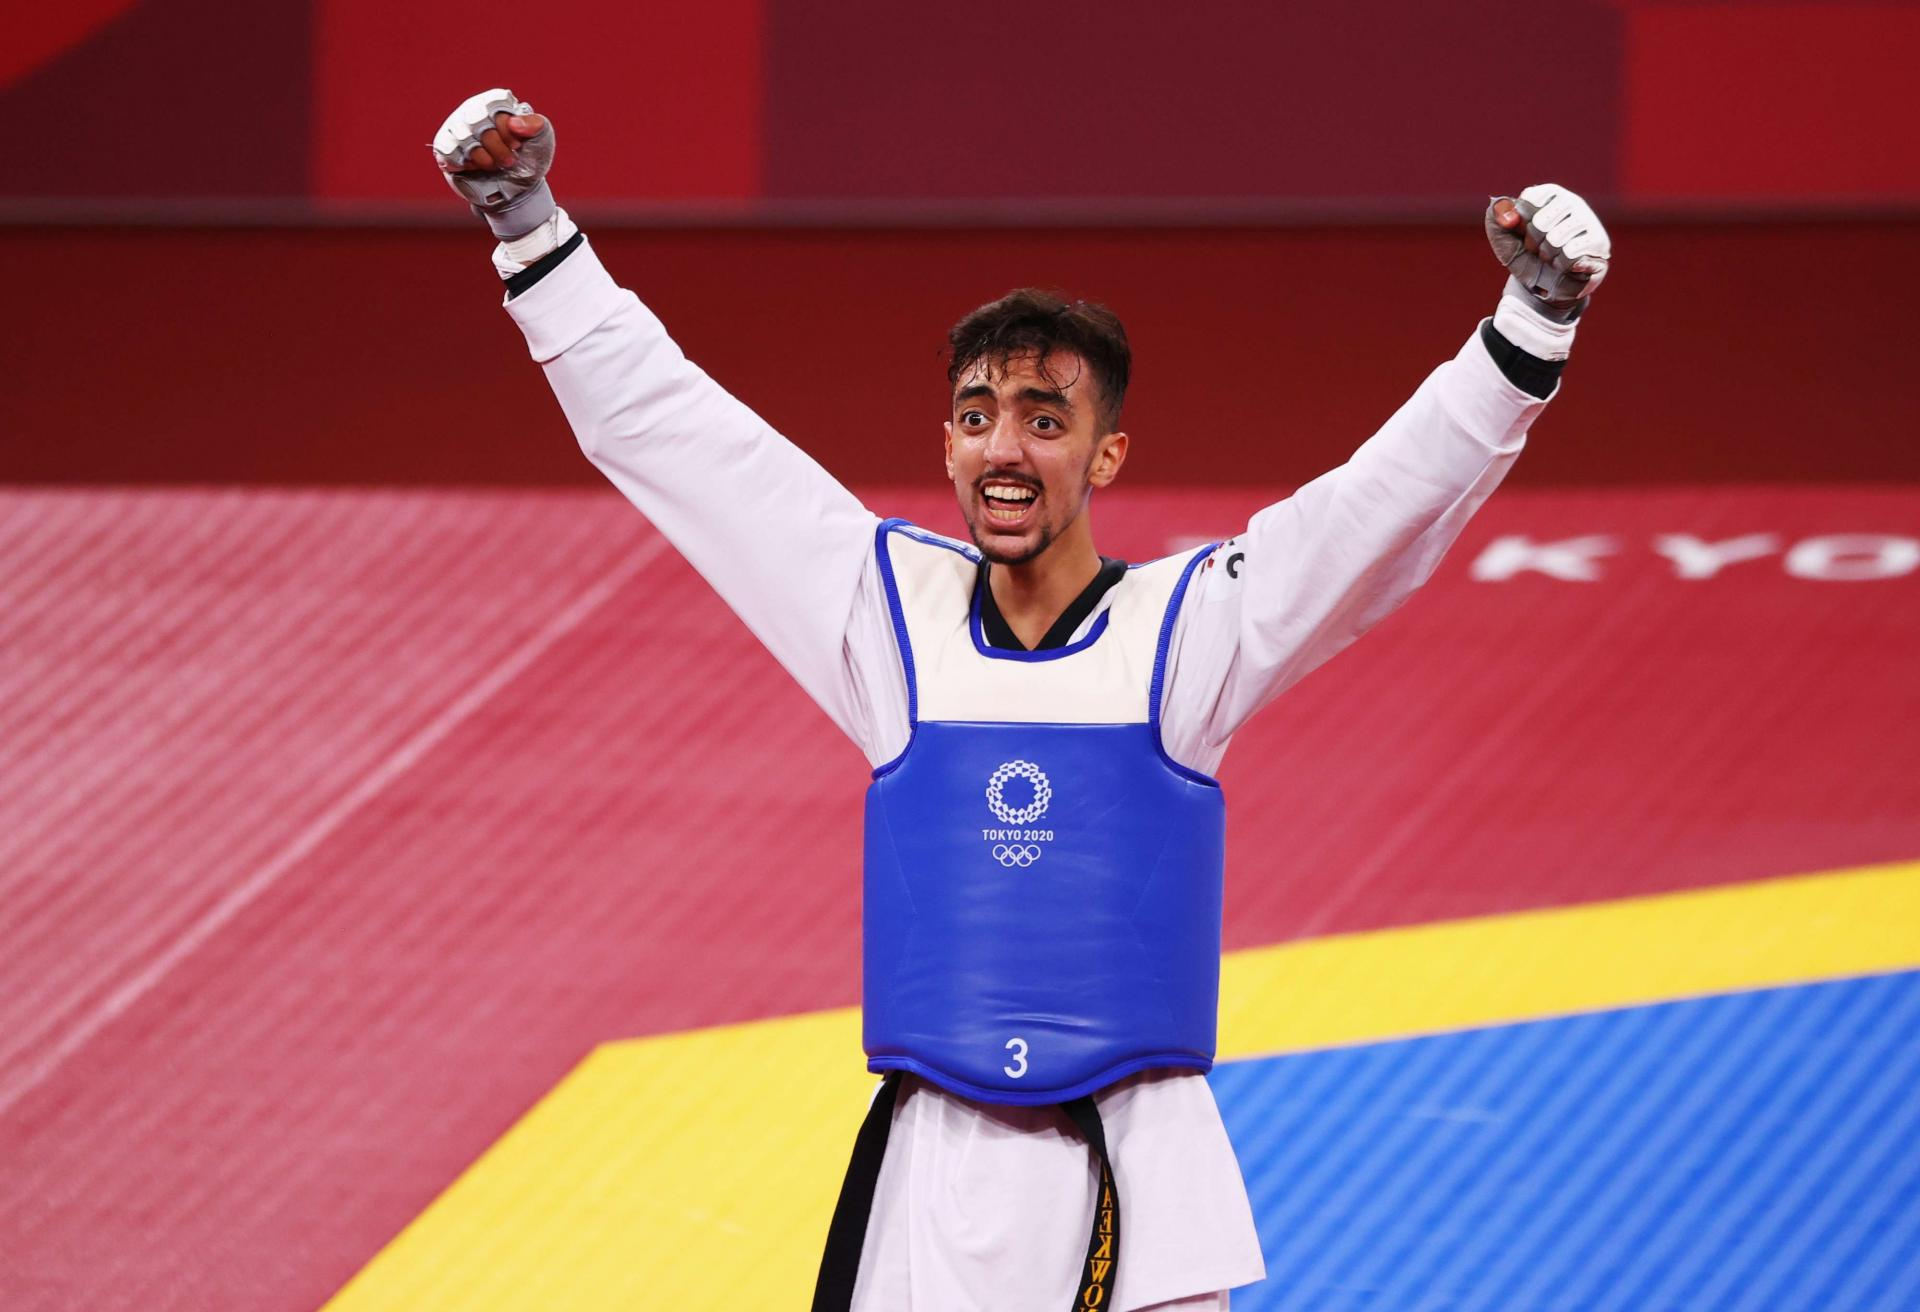 أولمبياد طوكيو (تايكواندو): التونسي الجندوبي يحصد فضية ويمنح أول ميدالية للعرب